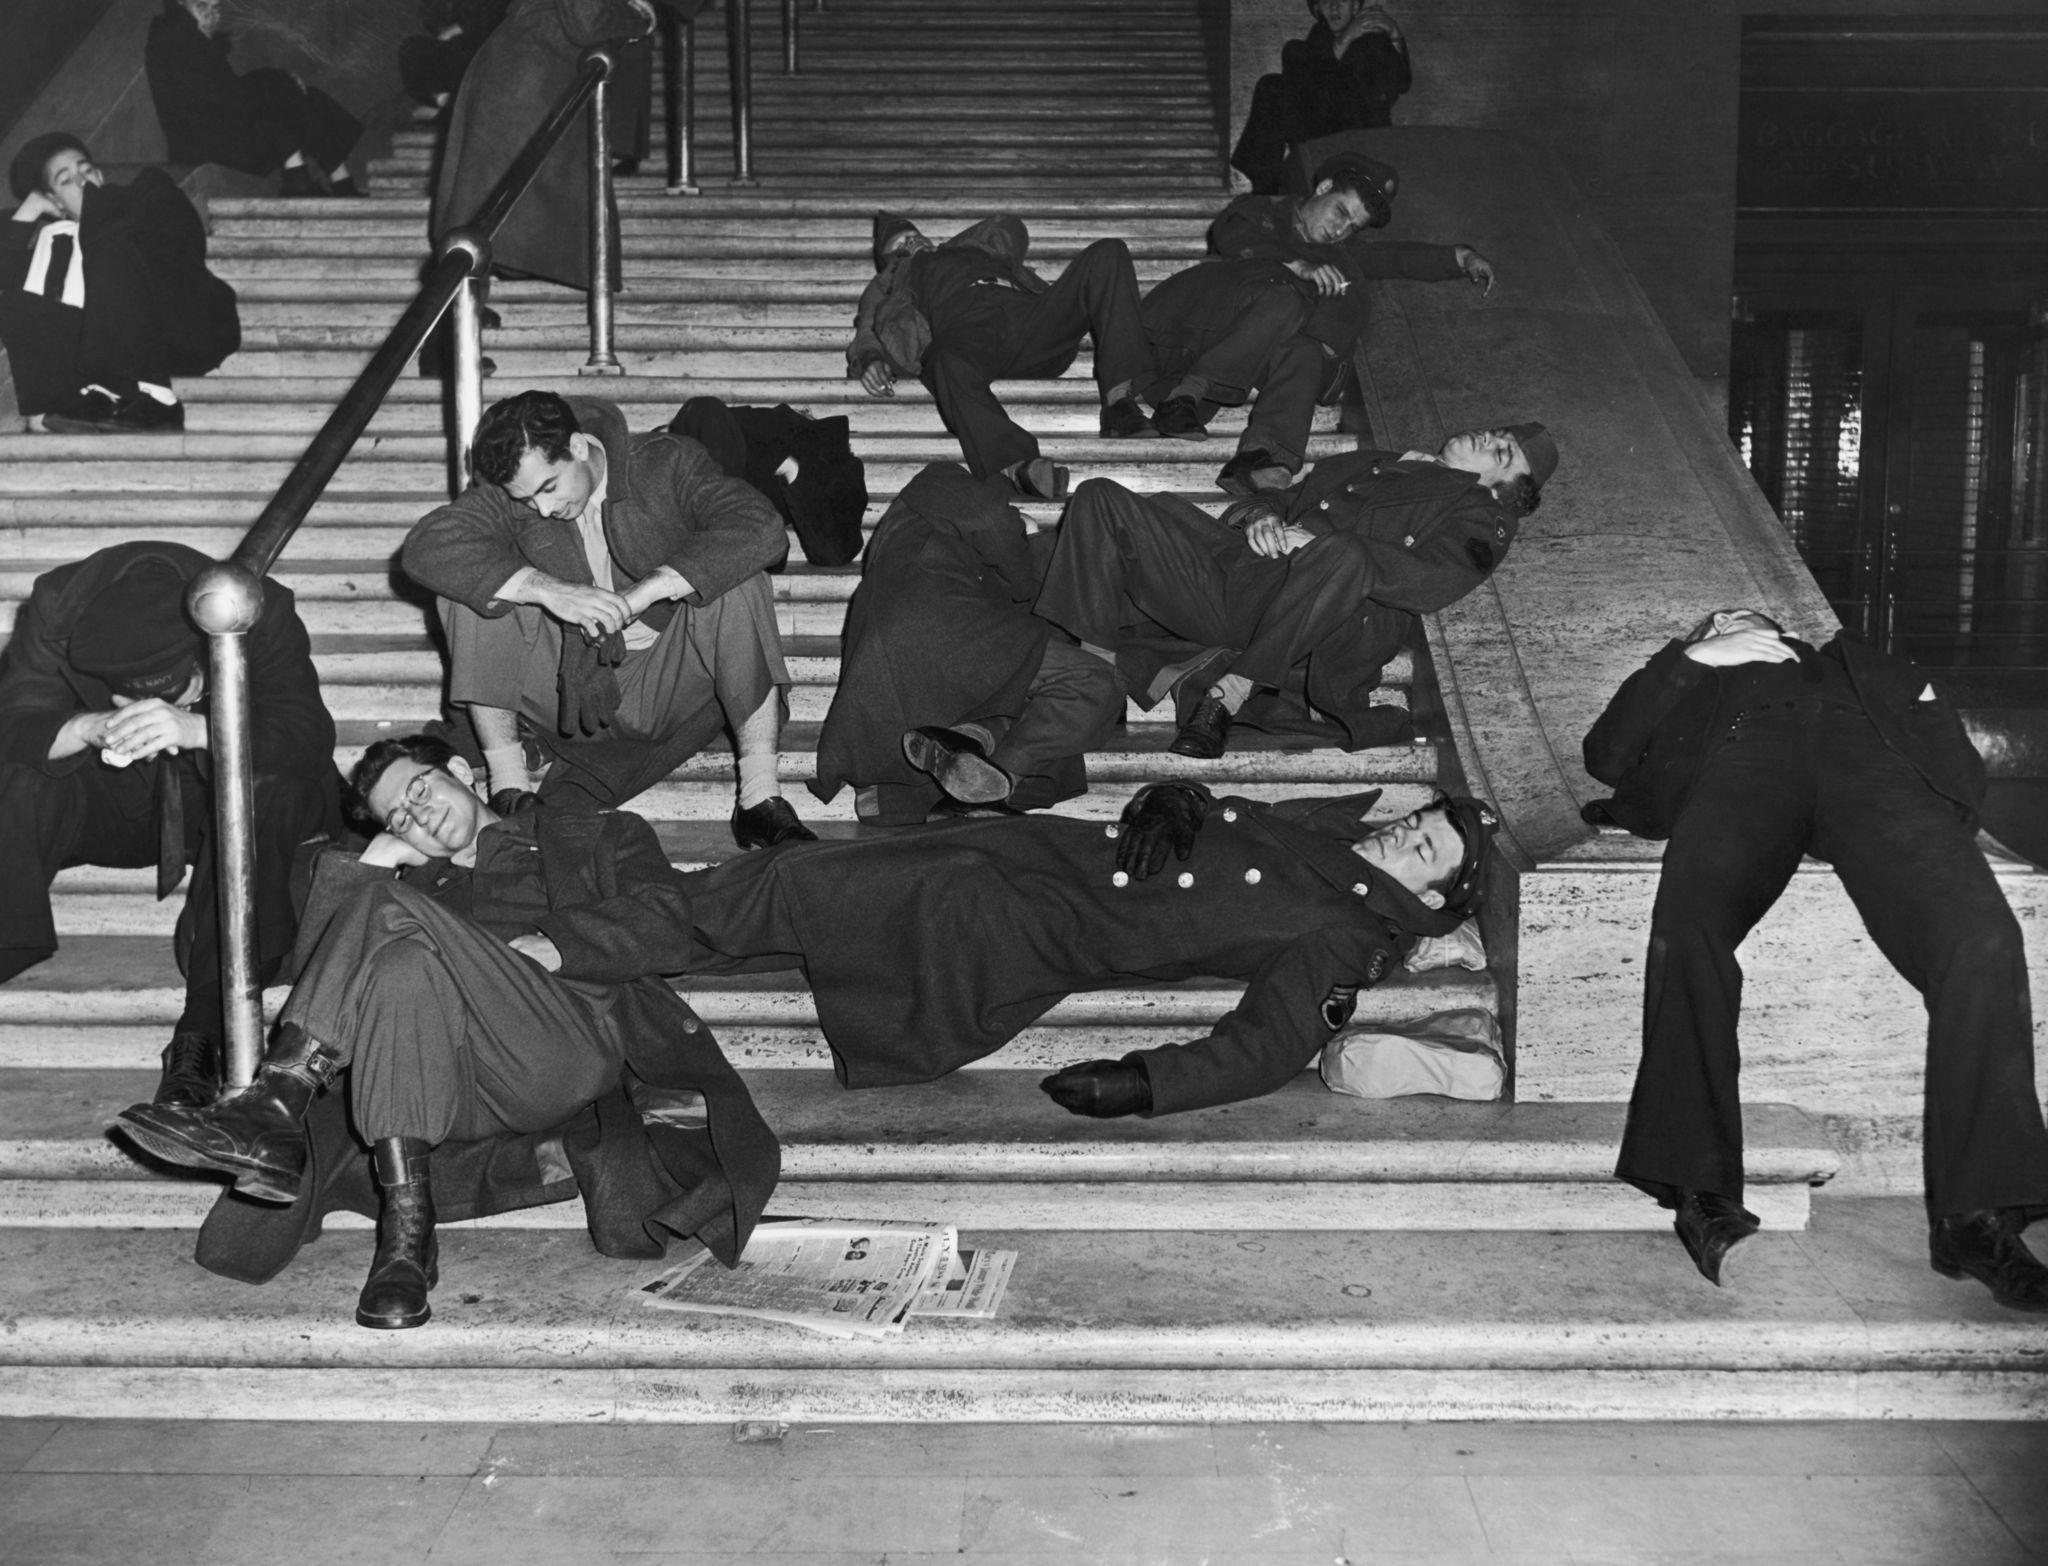 1940. Гуляки восстанавливаются после празднования Нового года на ступеньках Центрального вокзала, Нью-Йорк.jpg